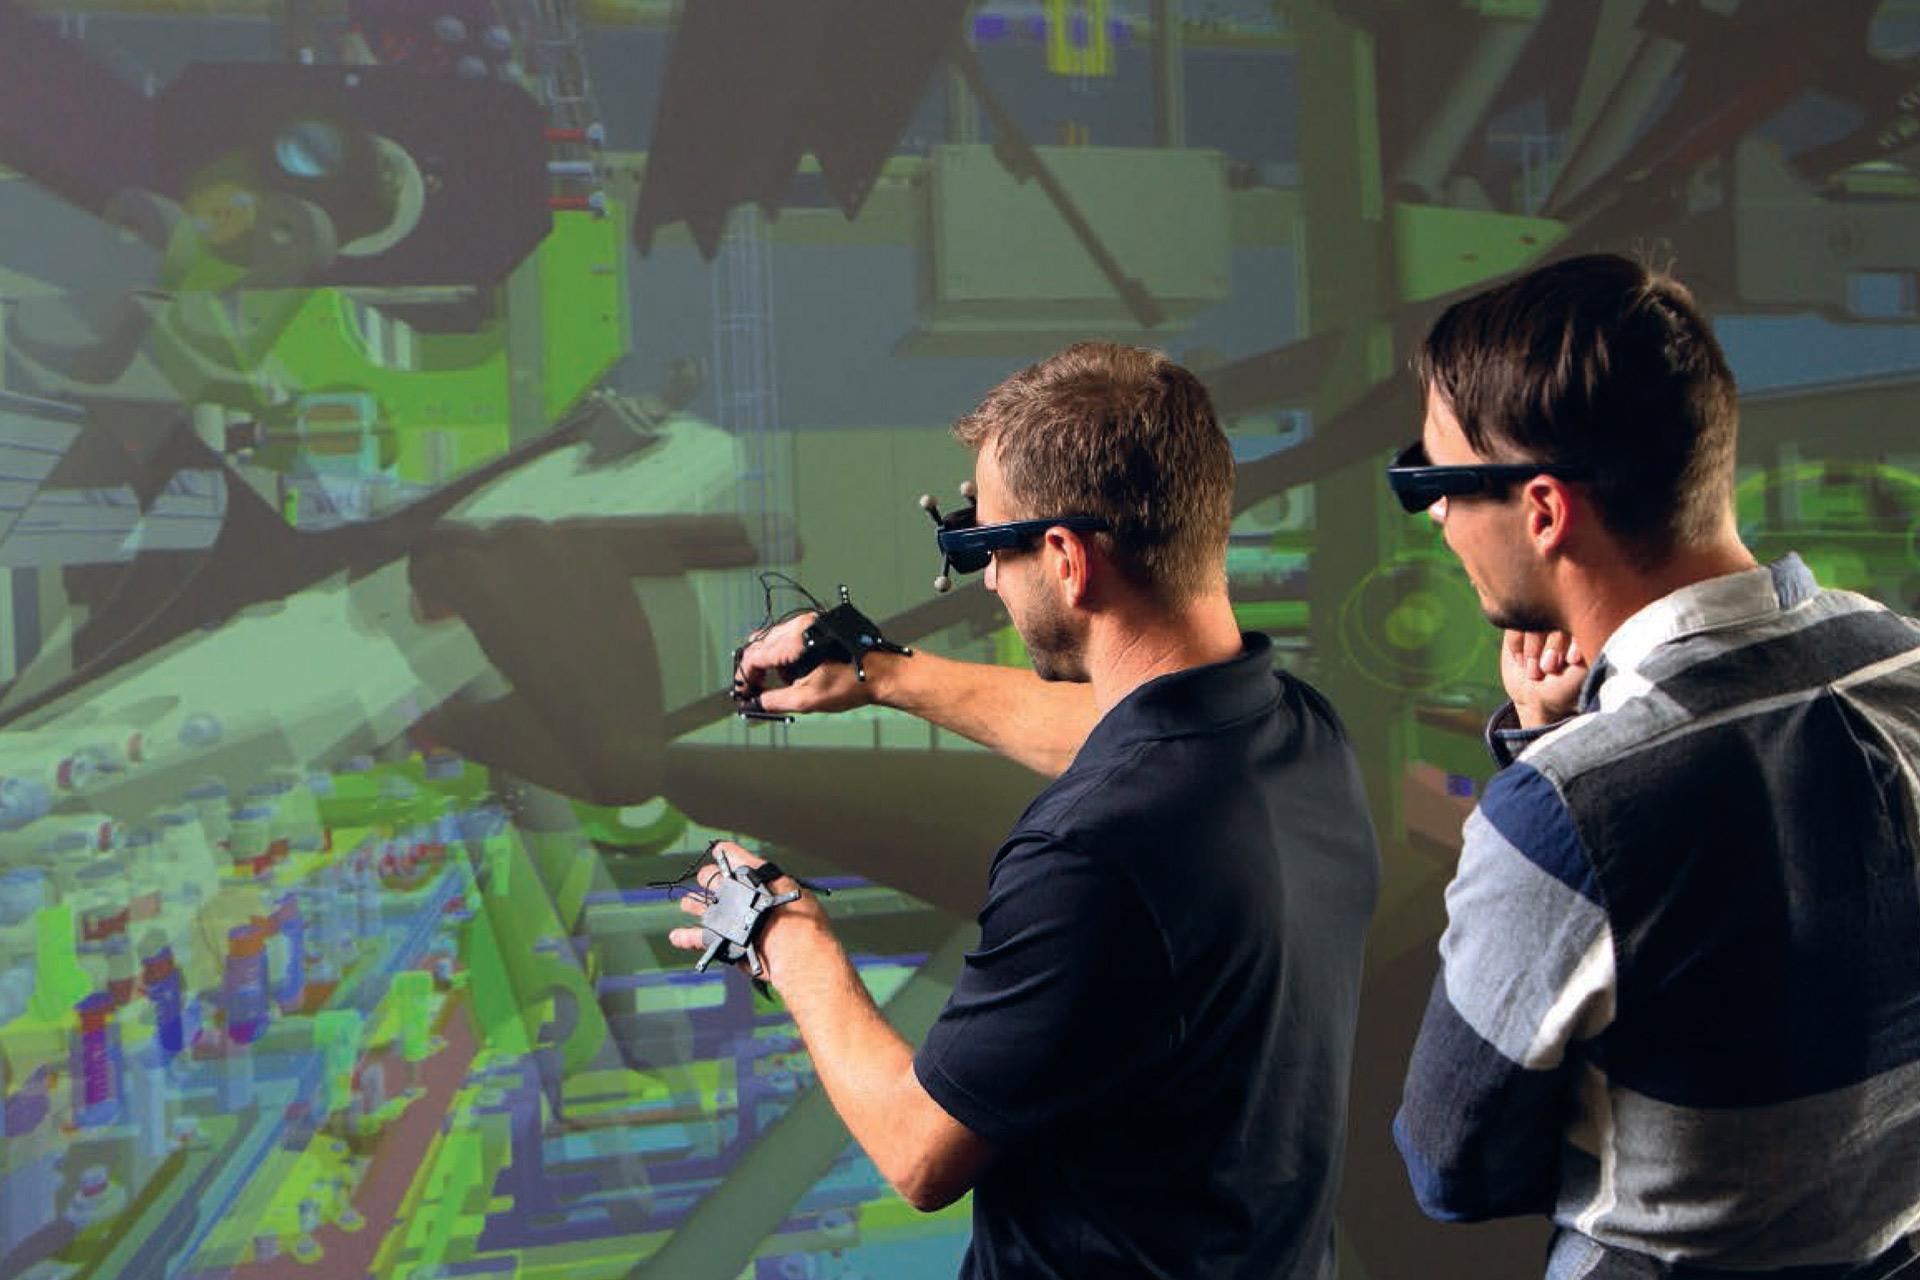 Virtuell, nach der Konstruktion in die Maschine schauen( Fa.Itek )